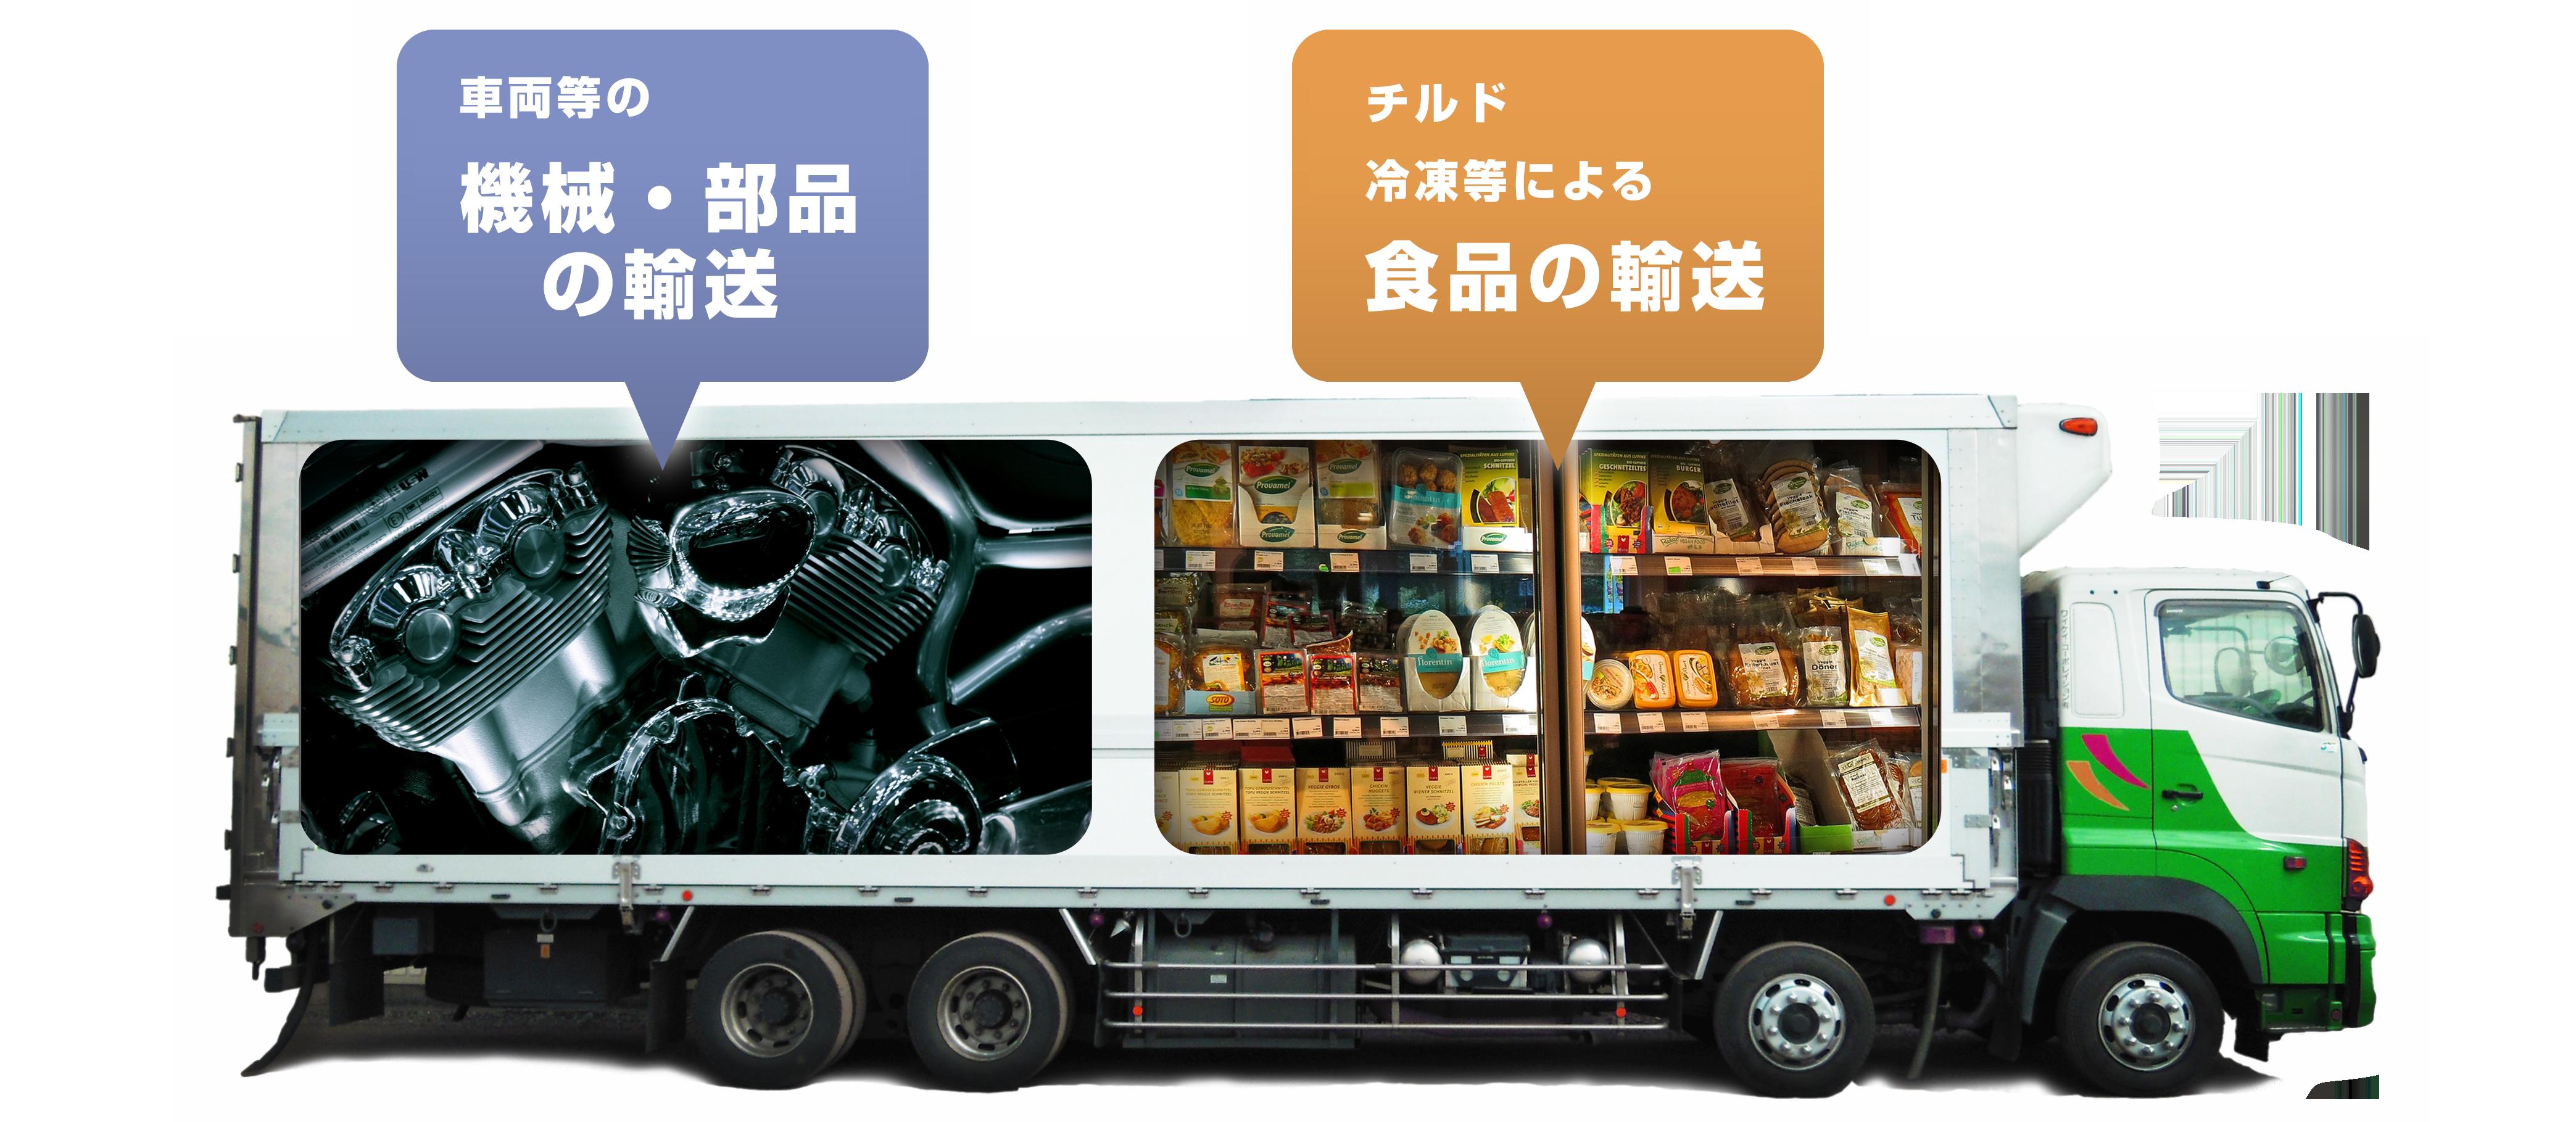 札幌市,グリーンエキスプレス株式会社では輸送,運送,物流,倉庫,混載輸送,トレーラー輸送,チルド輸送,生乳輸送,営業倉庫,物流加工,物流ソリューションから不動産,車輌整備,トラック修理,人材派遣,農園,大型・中古トラック販売まで幅広く事業を展開しております。北海道を拠点に南は九州までお客様のニーズに合わせたさまざまなタイプの輸送業務を提案しております。